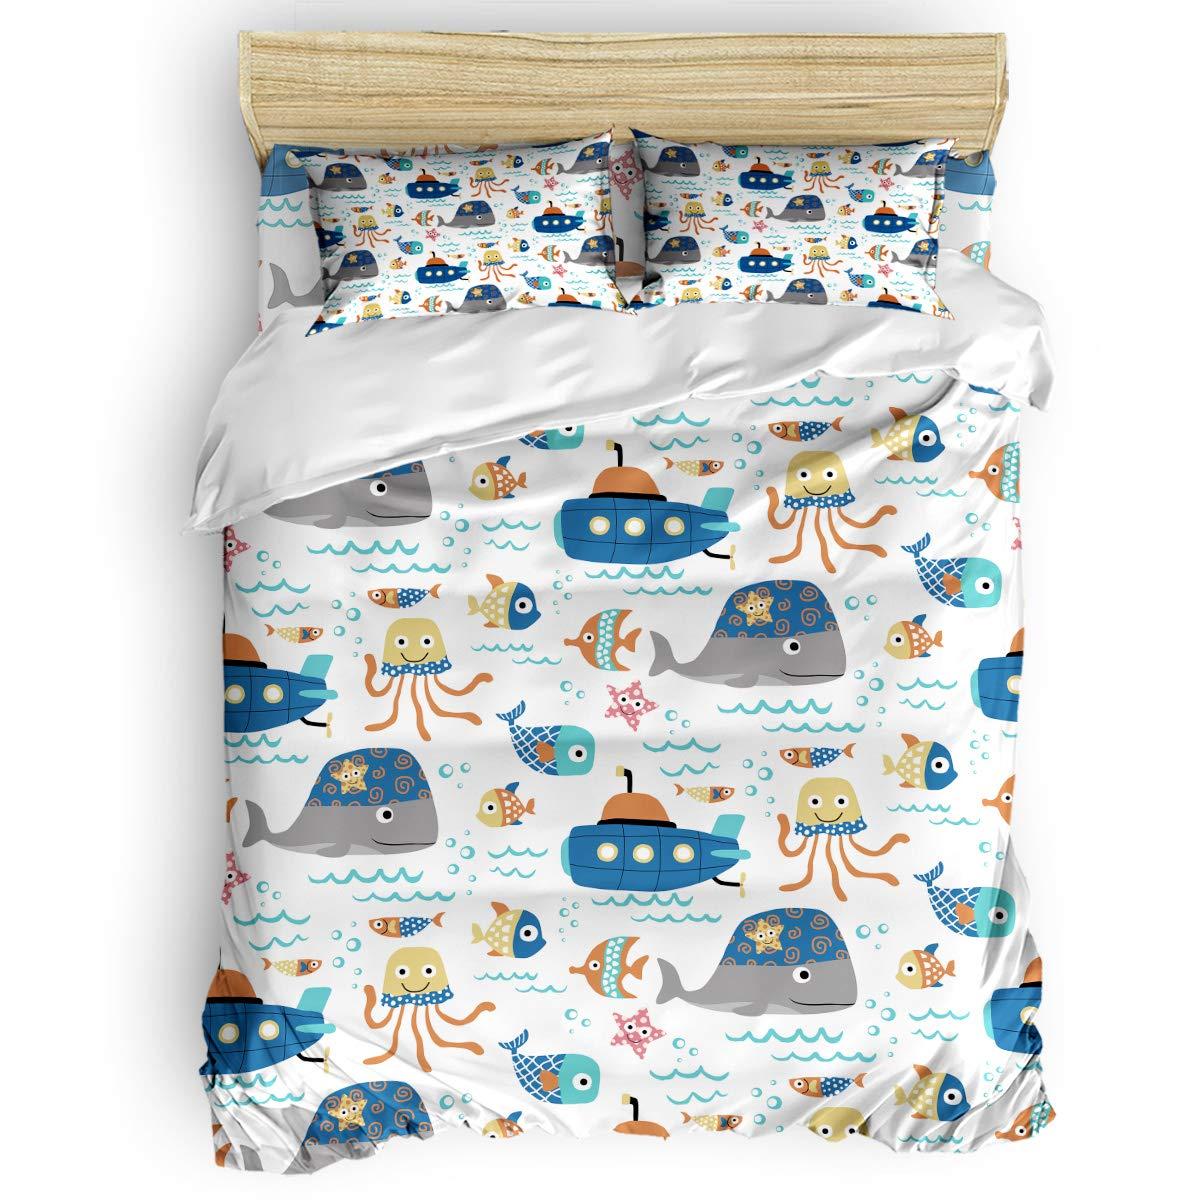 掛け布団カバー 4点セット レトロな世界地図木の板 寝具カバーセット ベッド用 べッドシーツ 枕カバー 洋式 和式兼用 布団カバー 肌に優しい 羽毛布団セット 100%ポリエステル セミダブル B07TG8TM1R Animal-019LAS6896 セミダブル